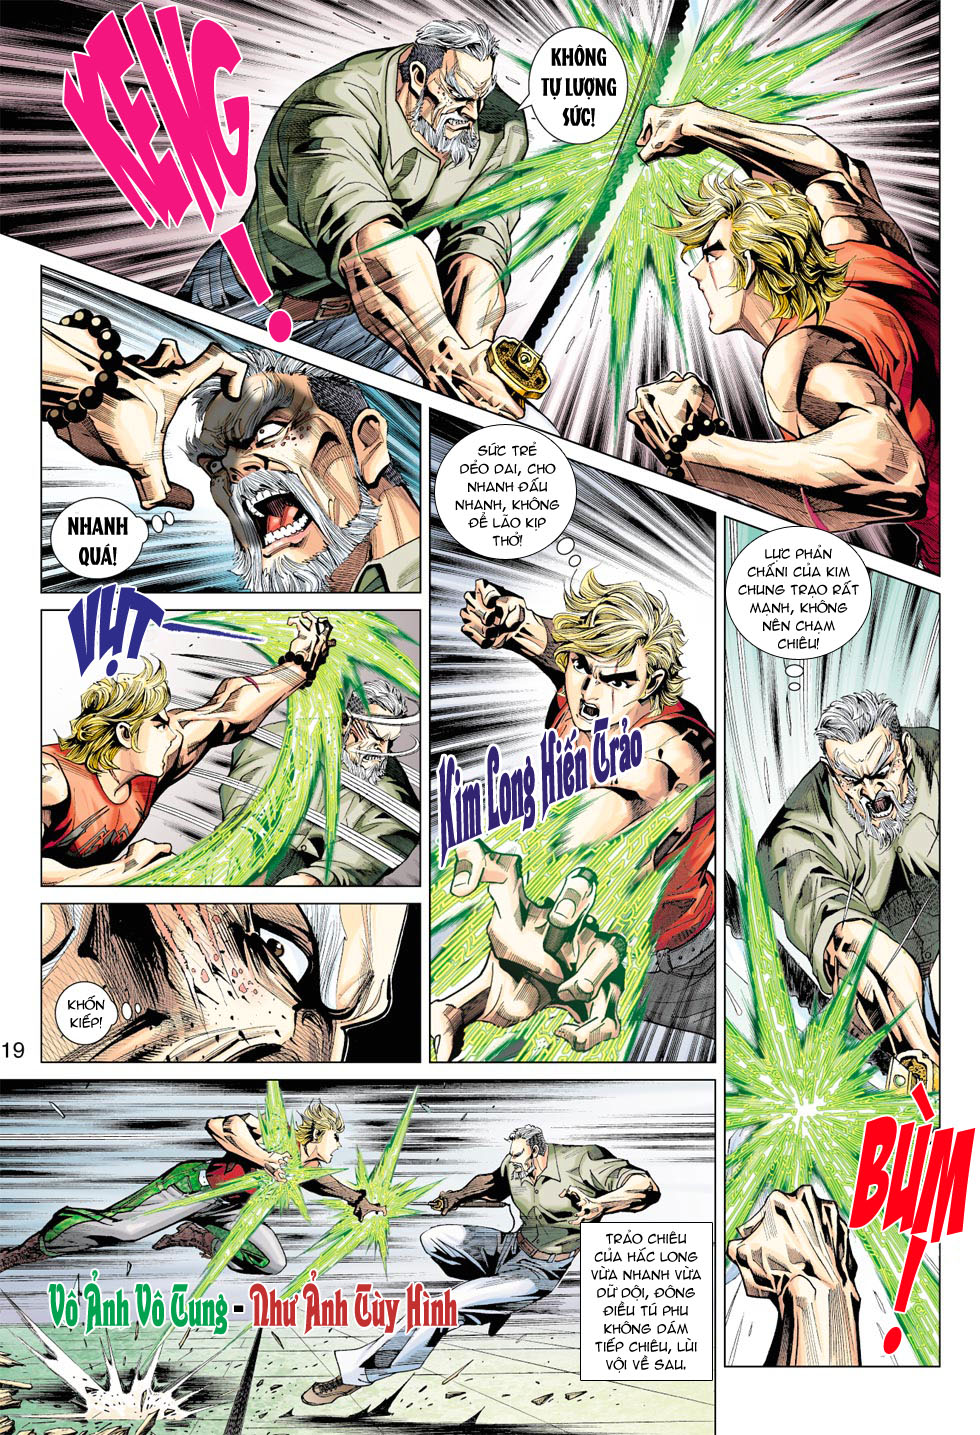 Tân Tác Long Hổ Môn trang 52